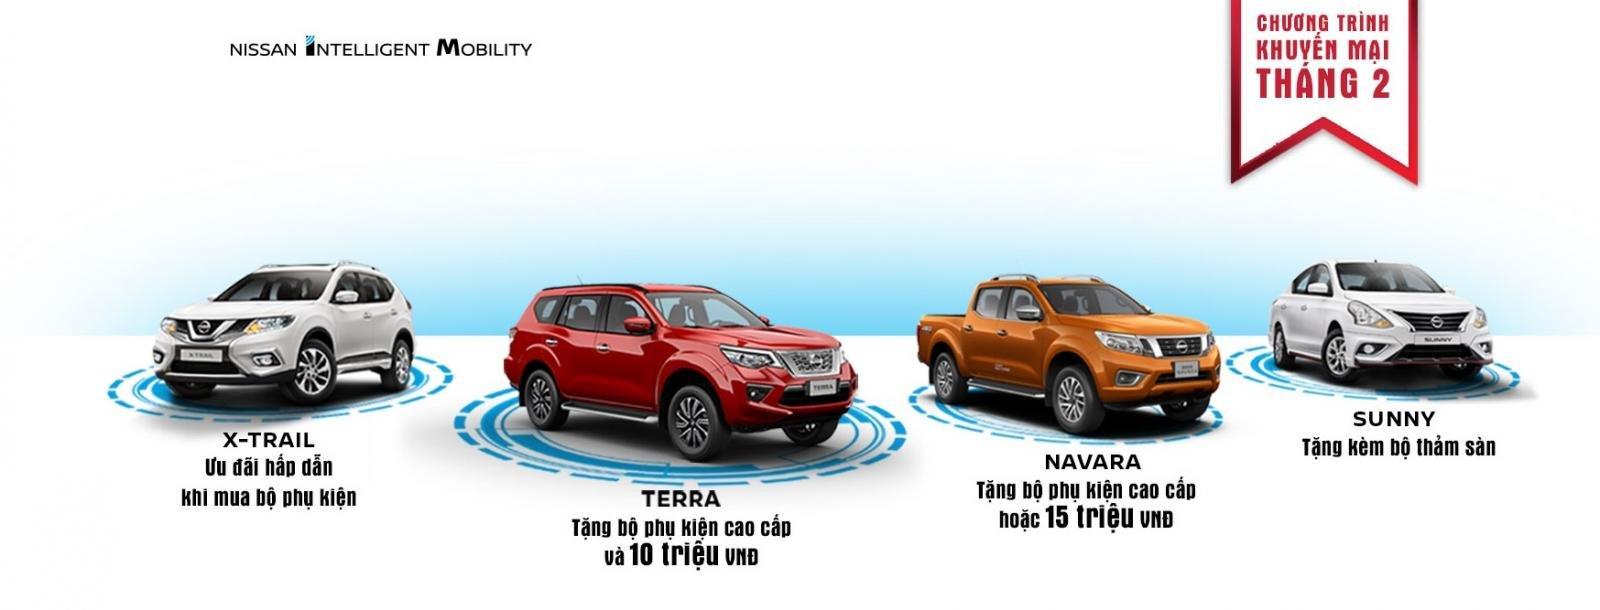 Nissan khuyến mại tháng 2/2019, Nissan Navara nhận ưu đãi cao nhất a2